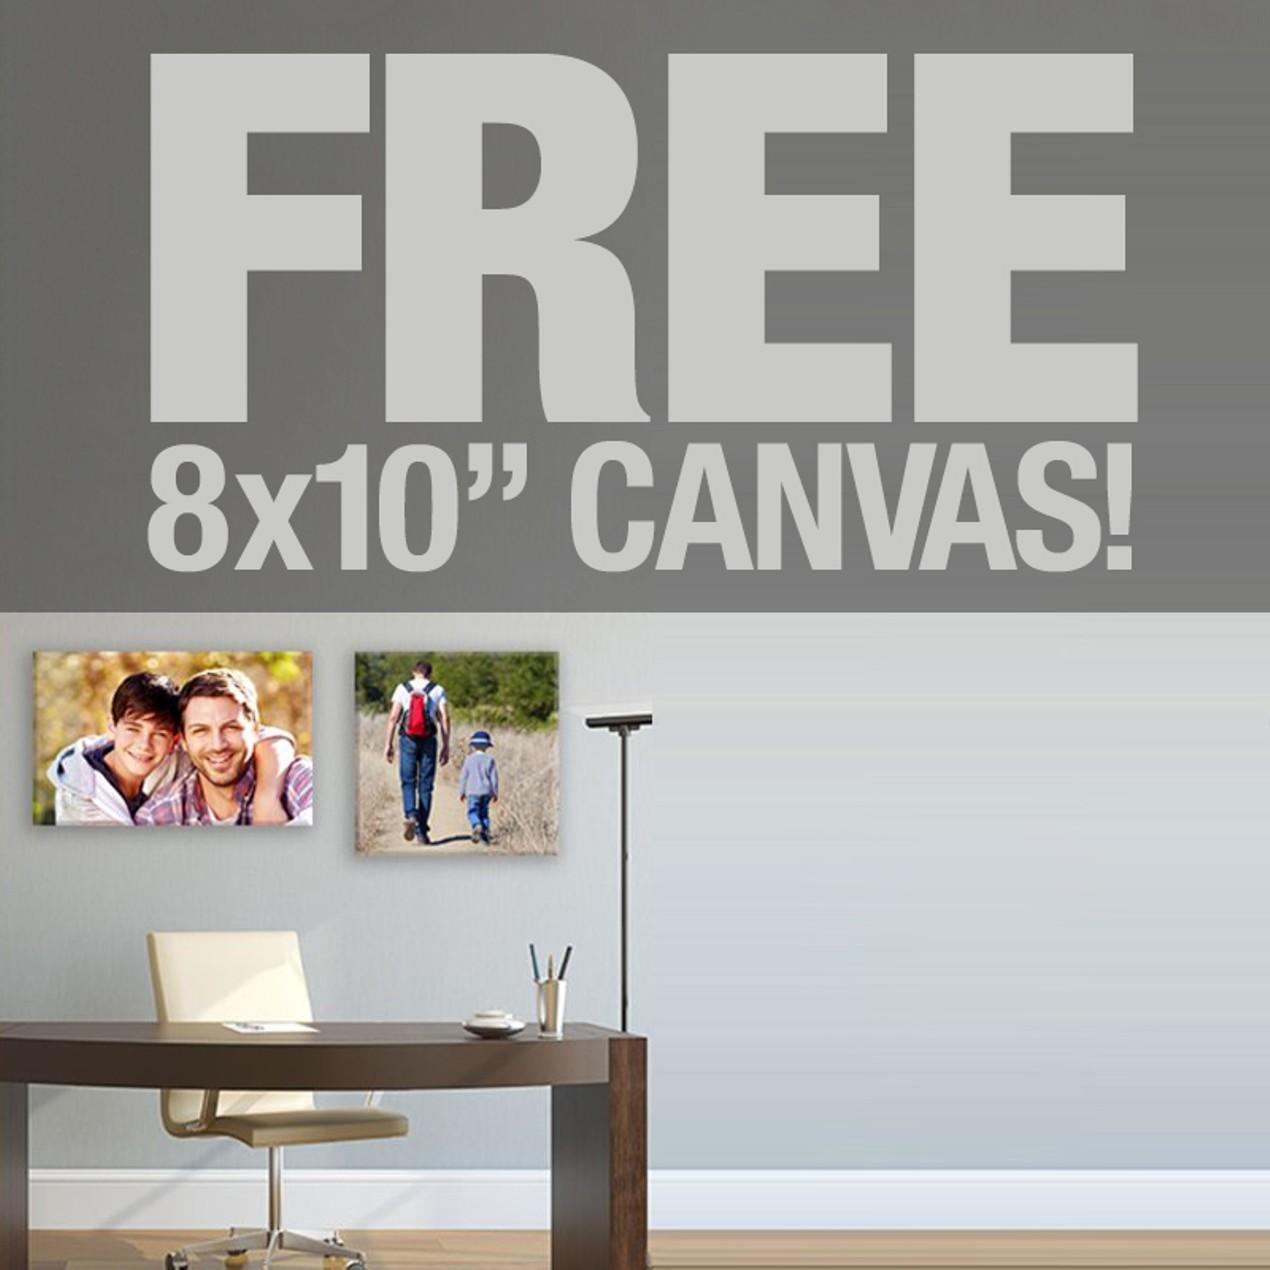 Free 8x10 Canvas Print - Tanga